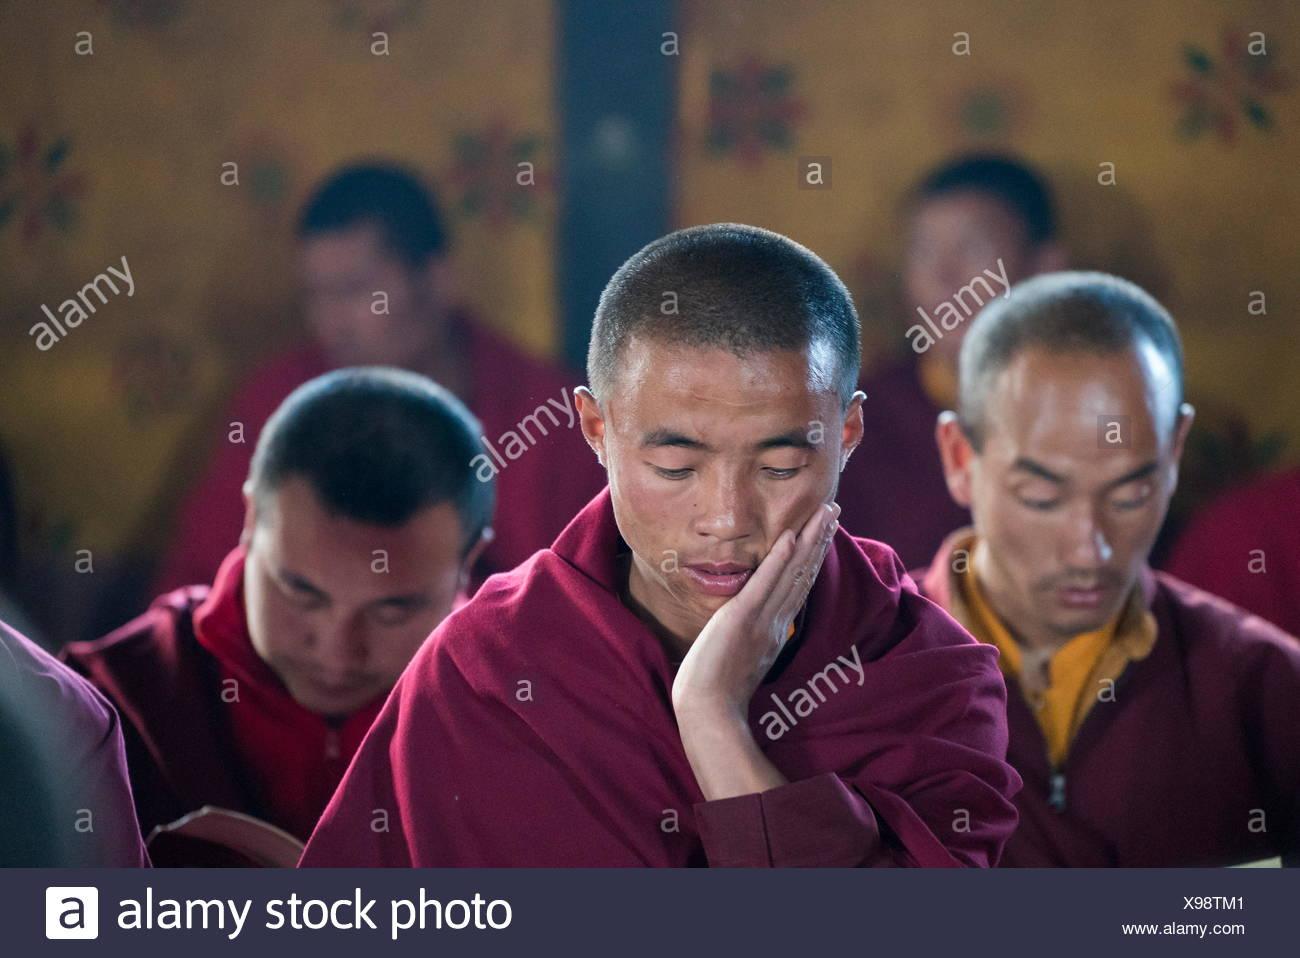 Monjes realizan una aspiración oración de Samantabadra Kuntuzangpo En la Shedra Gangtey en el valle de Phobjikha, Bhután. Imagen De Stock